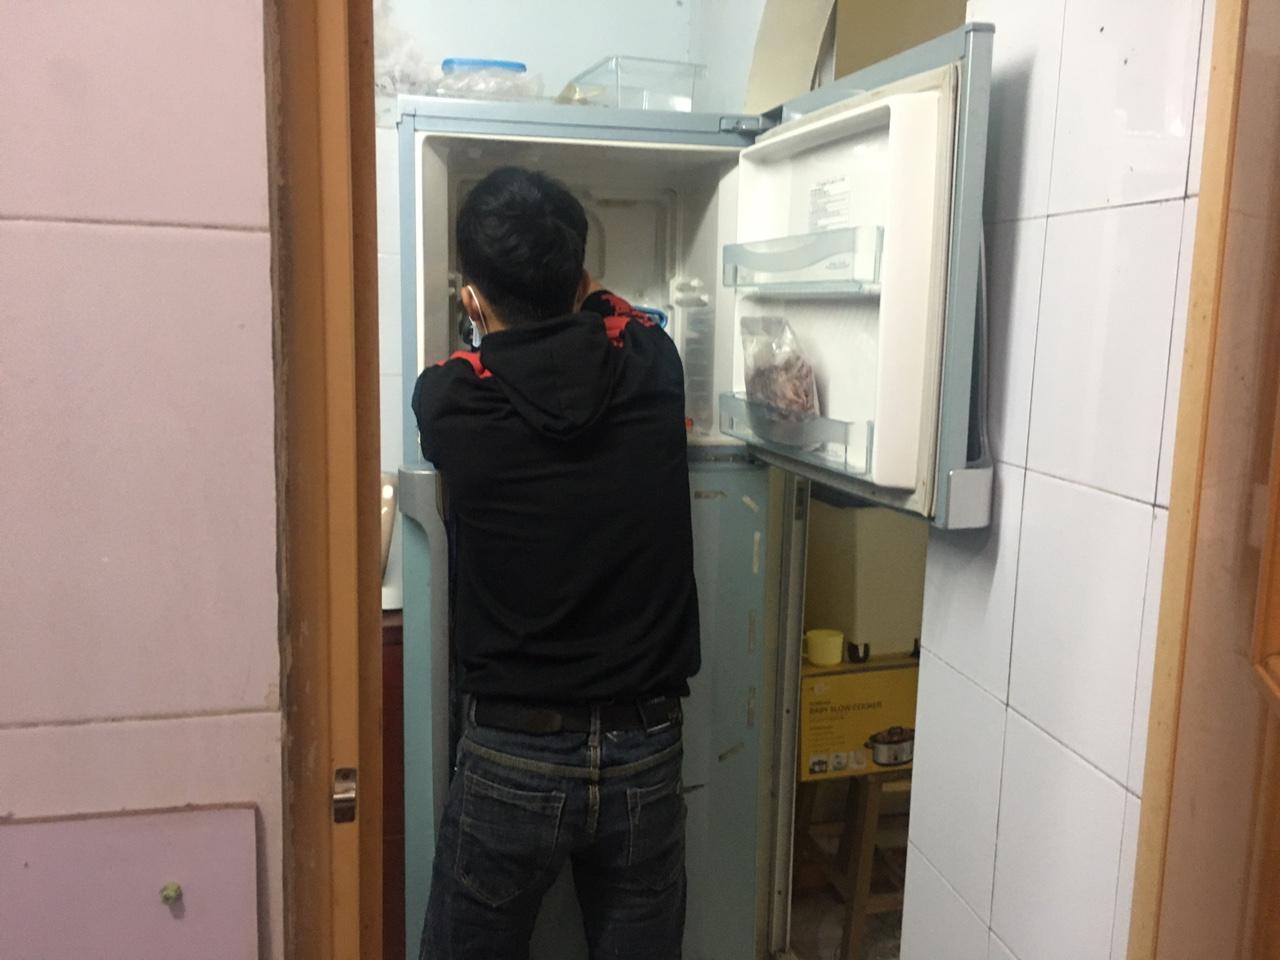 Sửa tủ lạnh Electrolux | Kiểm tra miễn phí - Bảo hành dài hạn